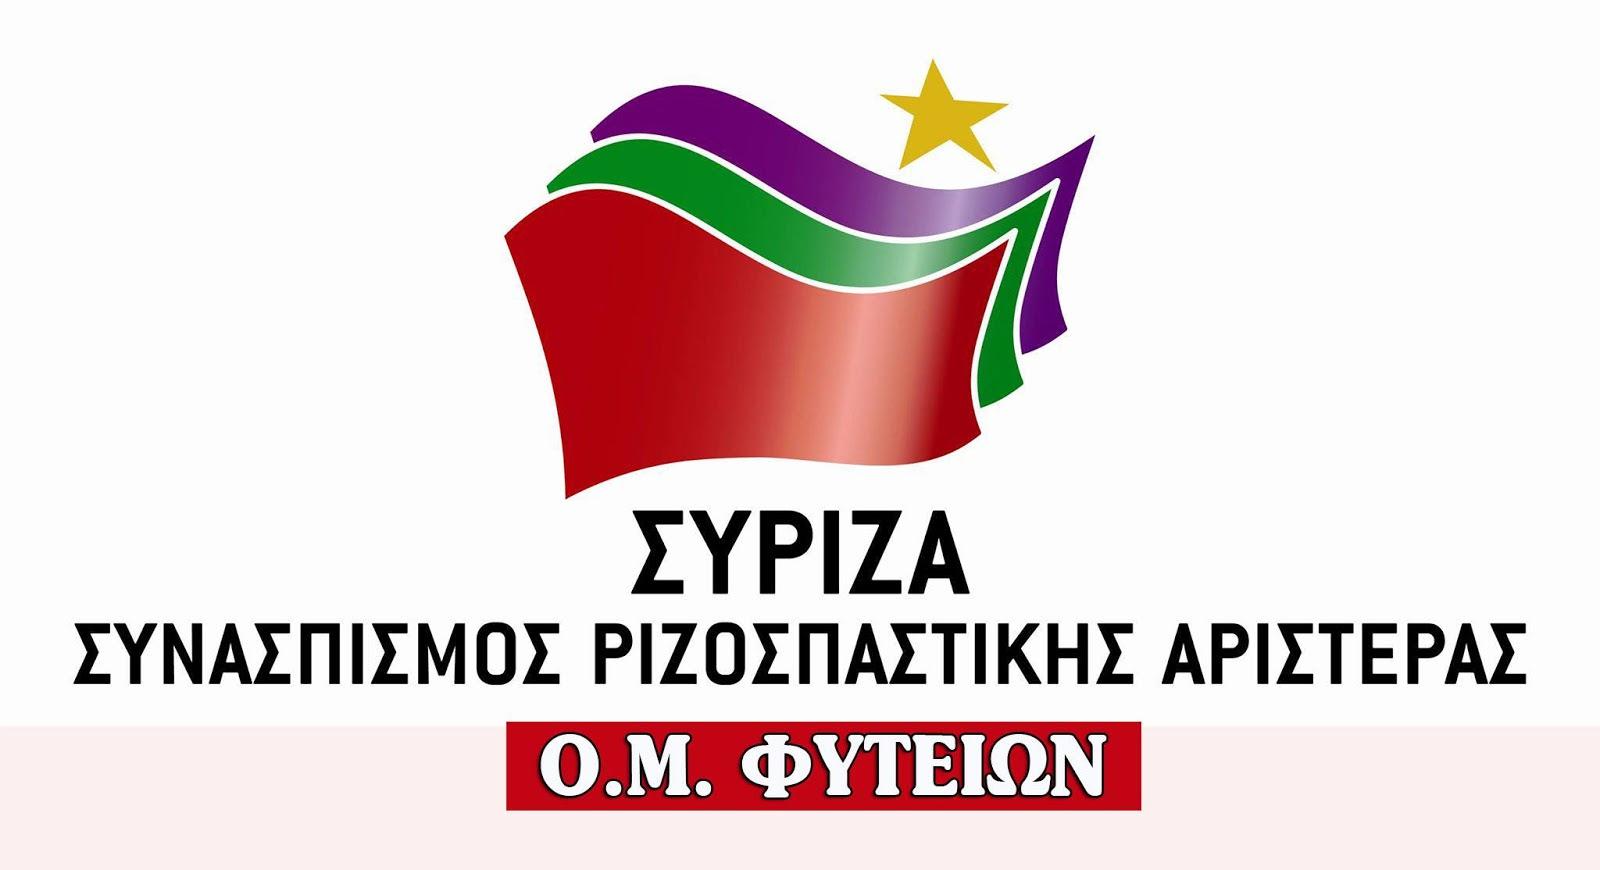 ΣΥΡΙΖΑ ΦΥΤΕΙΩΝ: Διαψεύδει τις φήμες για λουκέτο στις Λυκειακές Τάξεις Φυτειών - Φωτογραφία 2